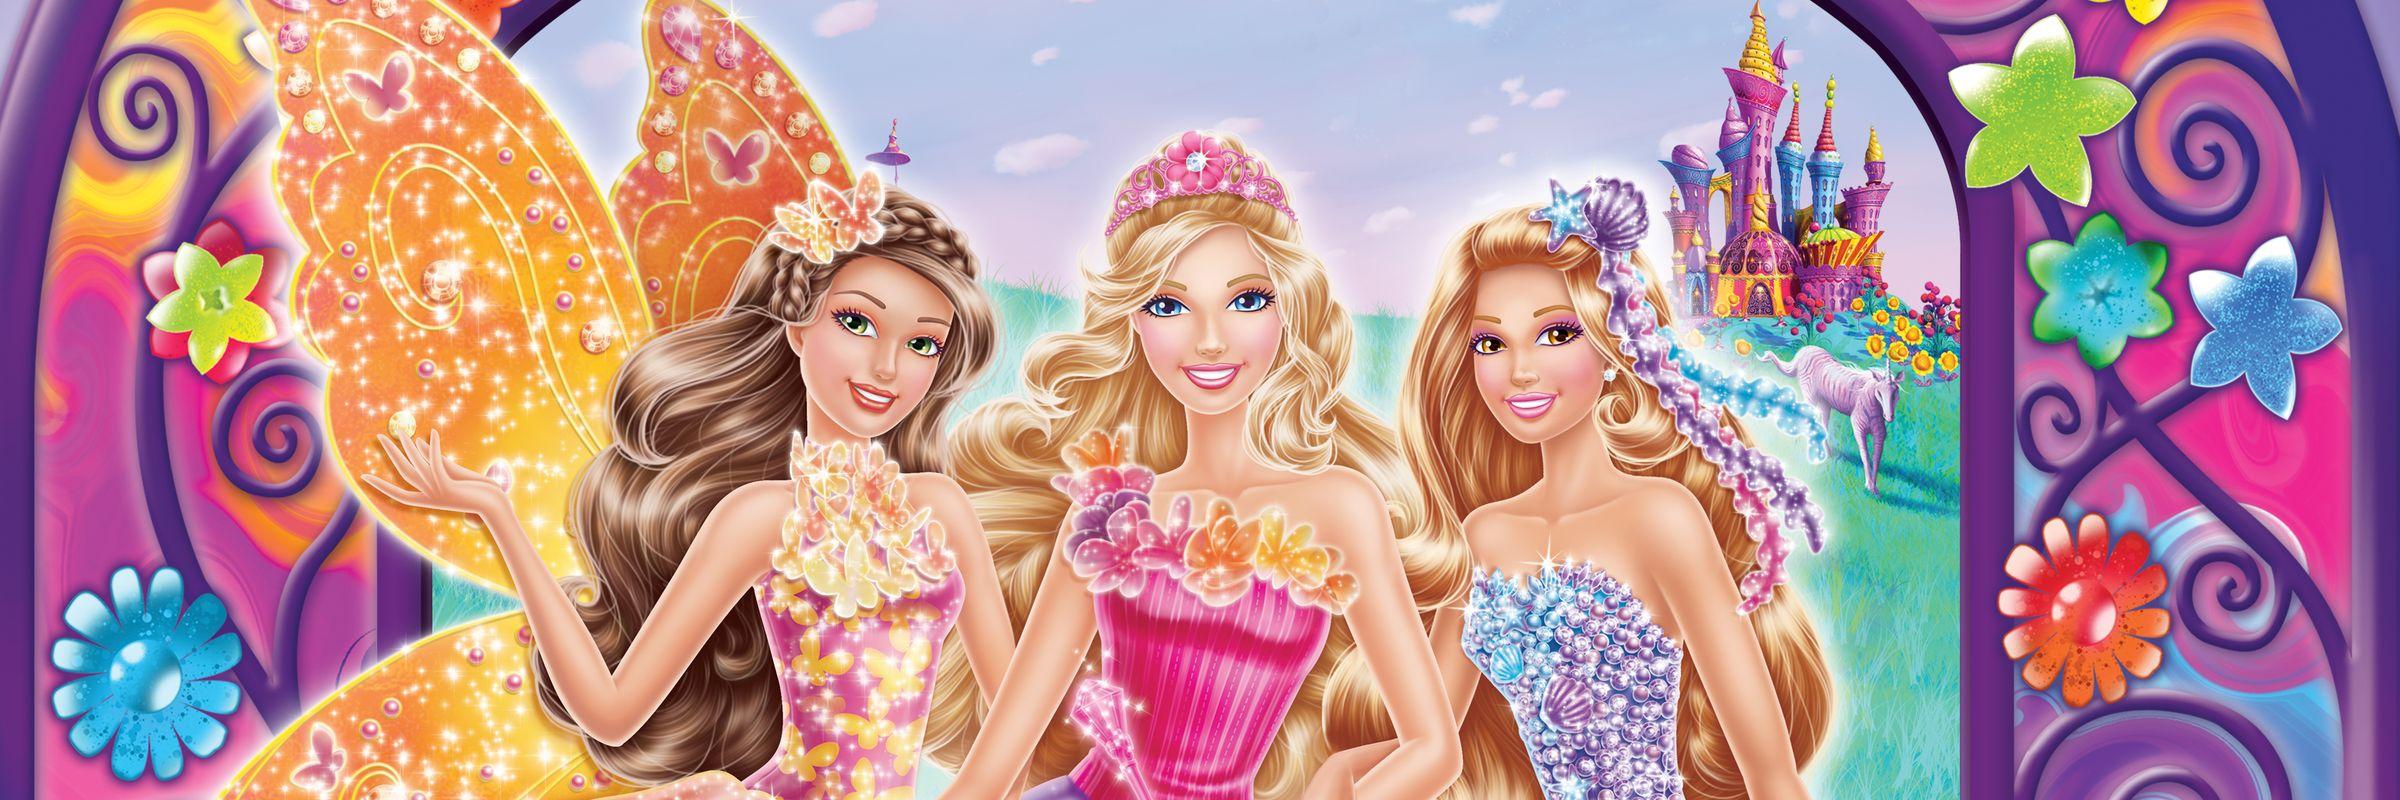 barbie and the secret door movie online free